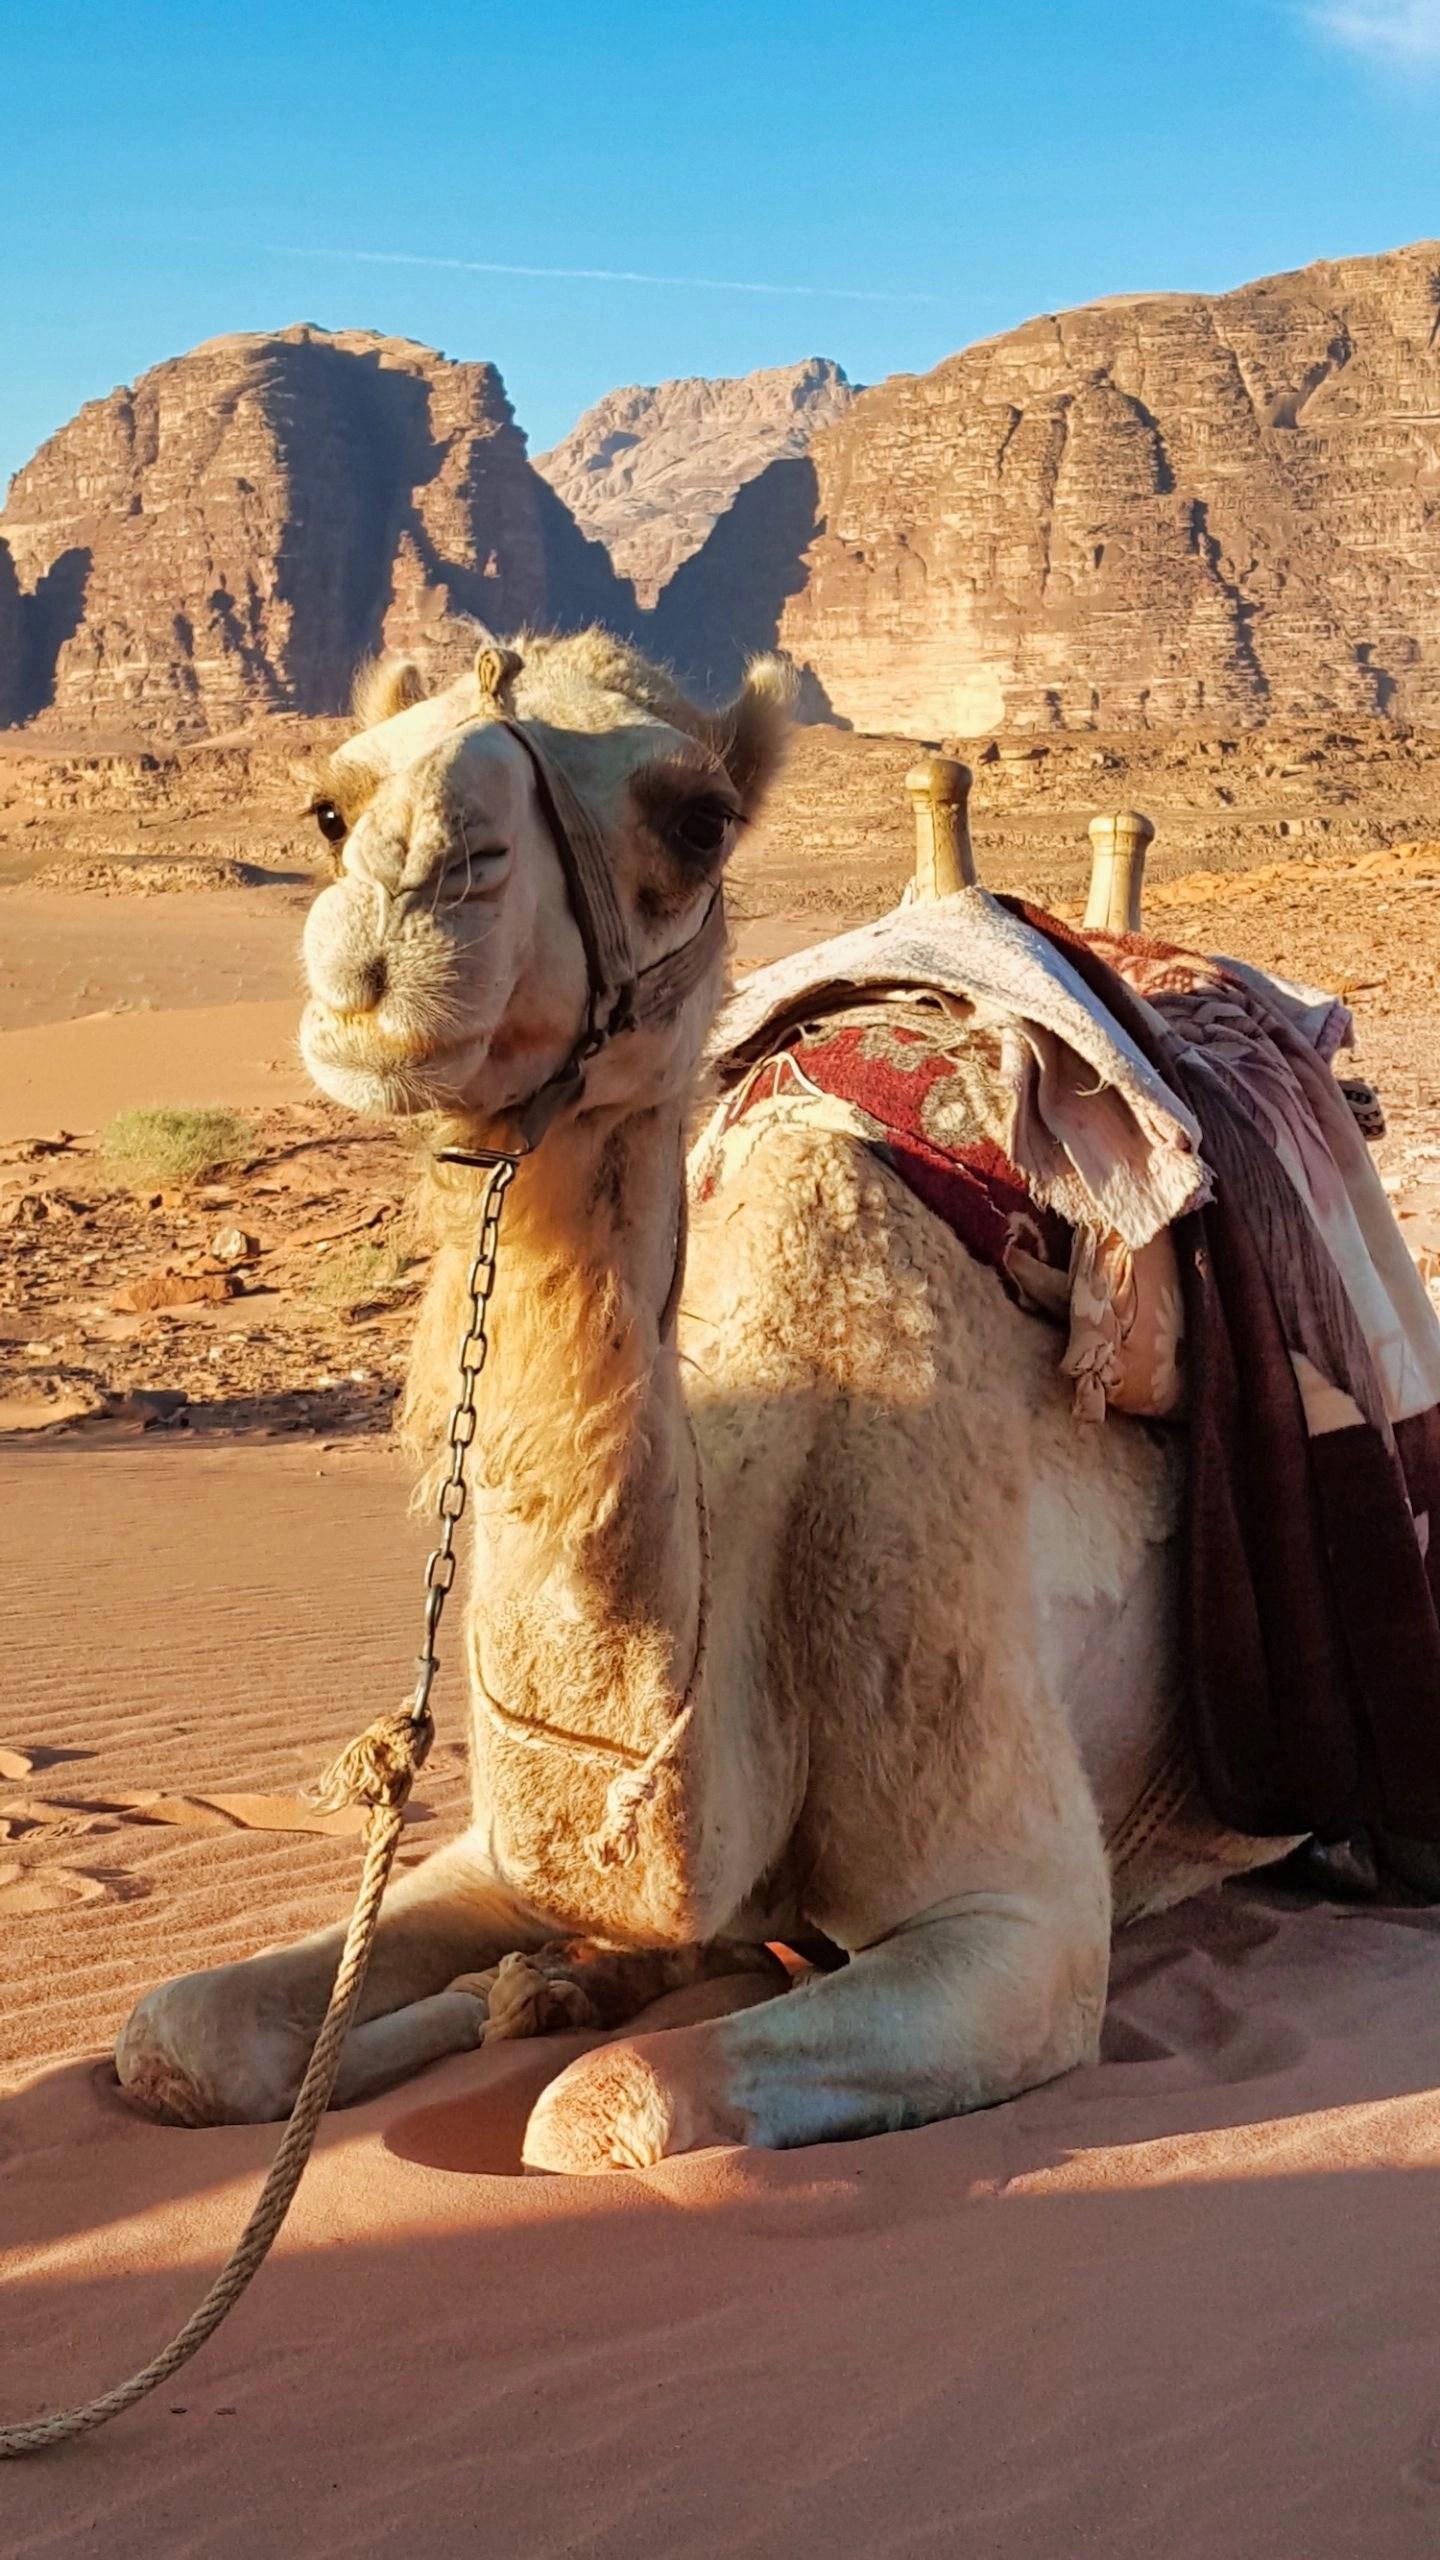 10 Days in Jordan - Up Close Camel